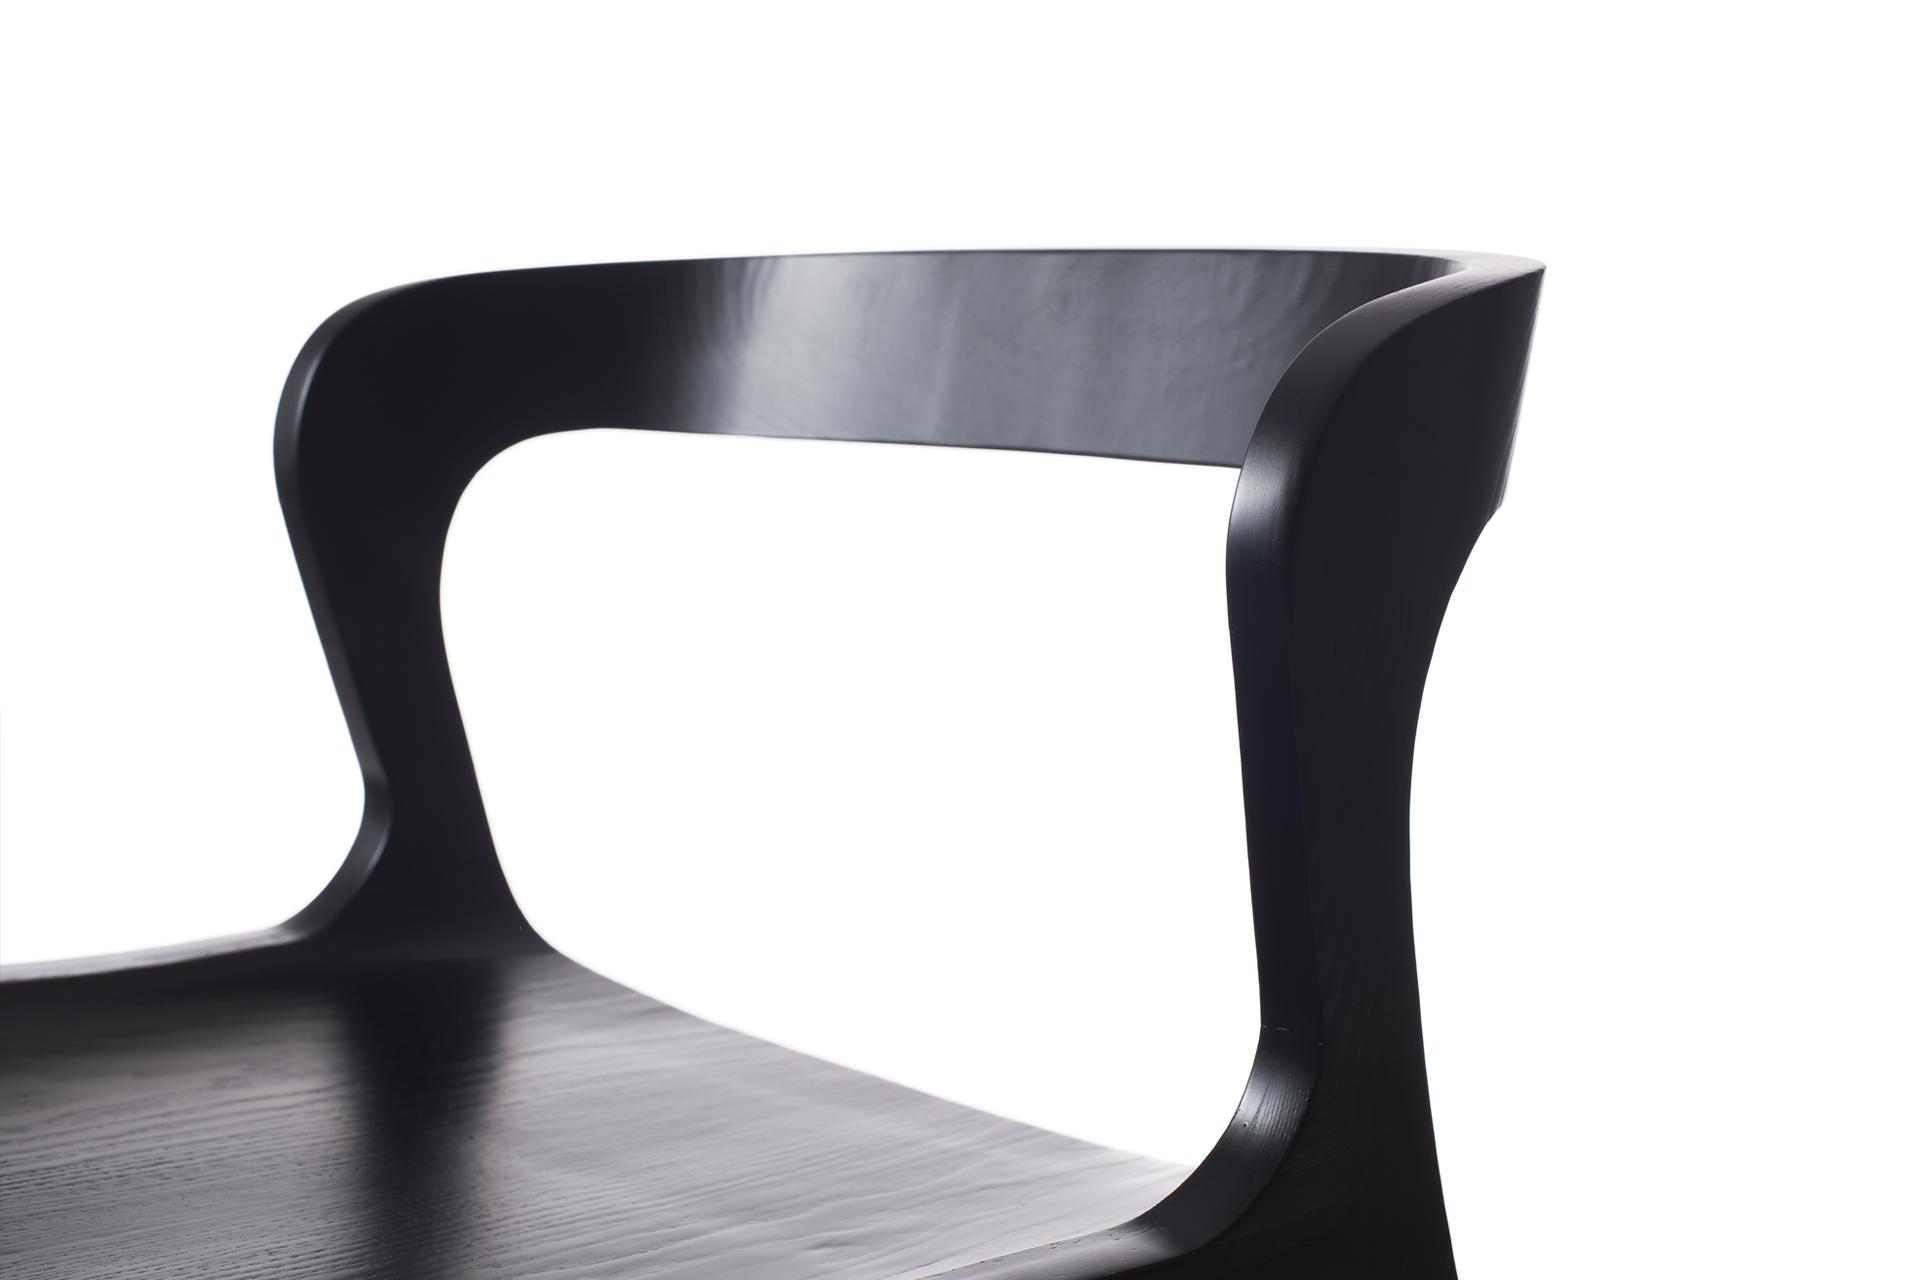 Design by Pedro Gomes Design